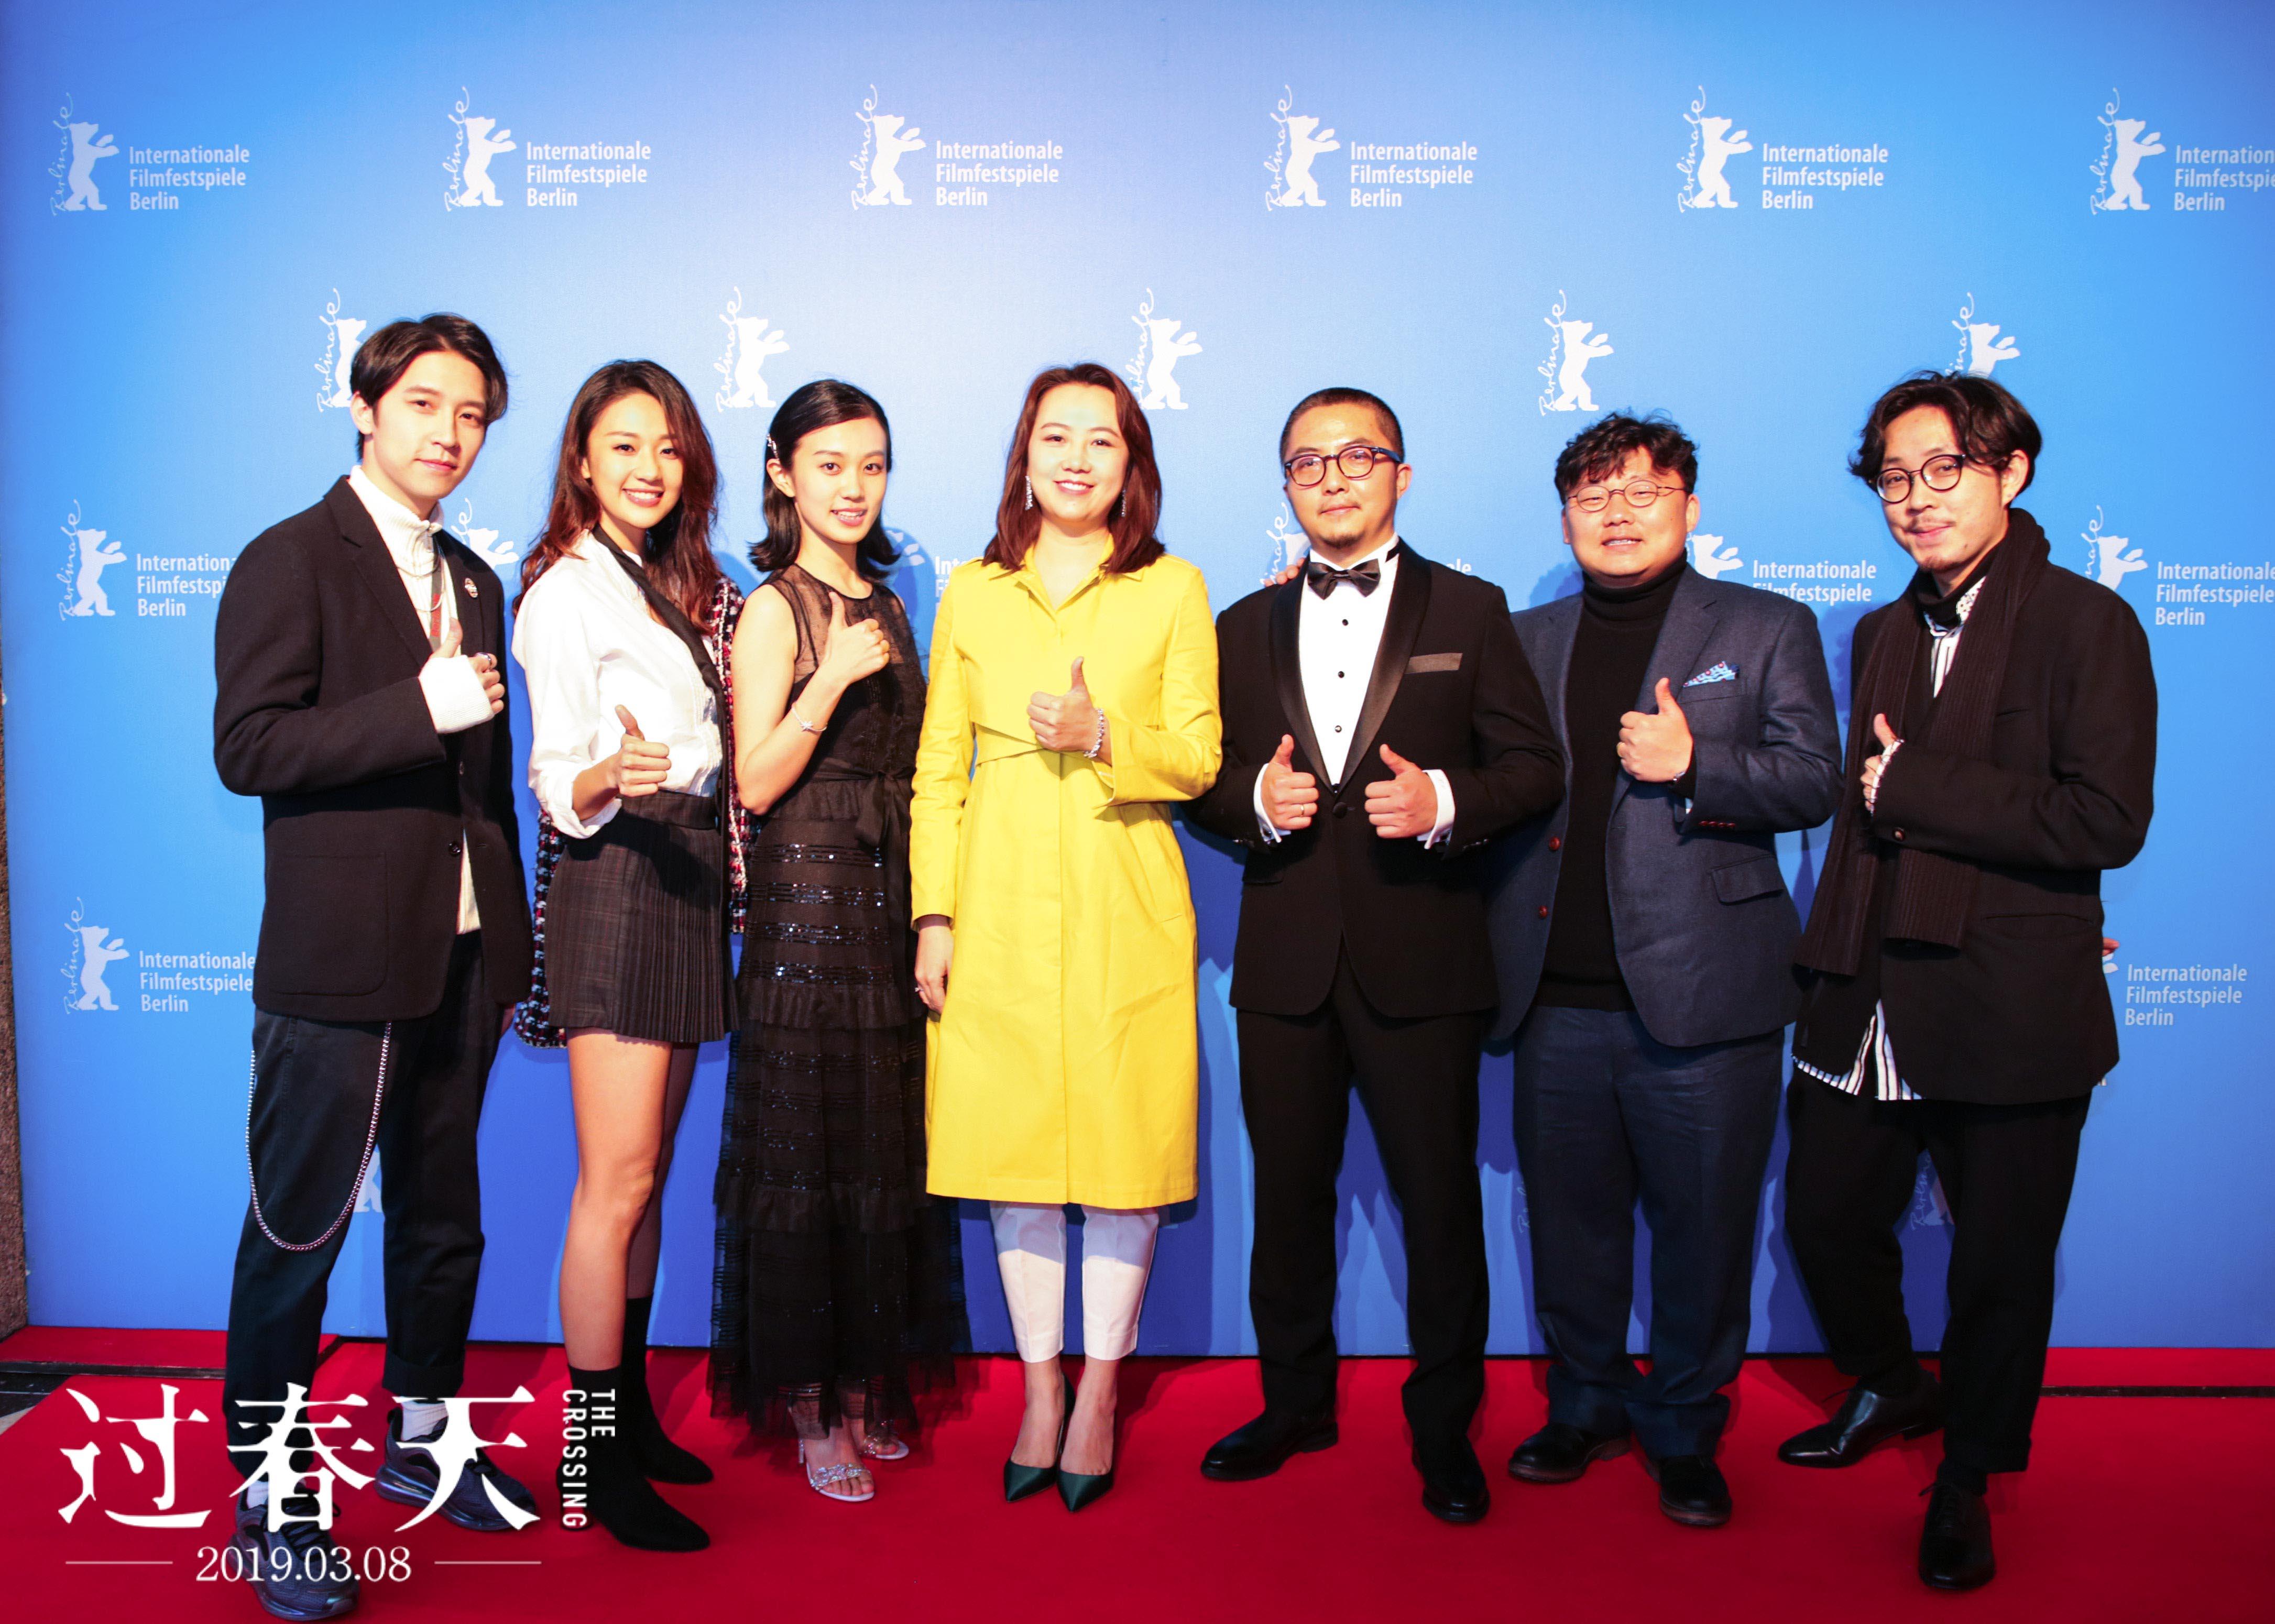 莱绅通灵闪耀69届柏林国际电影节